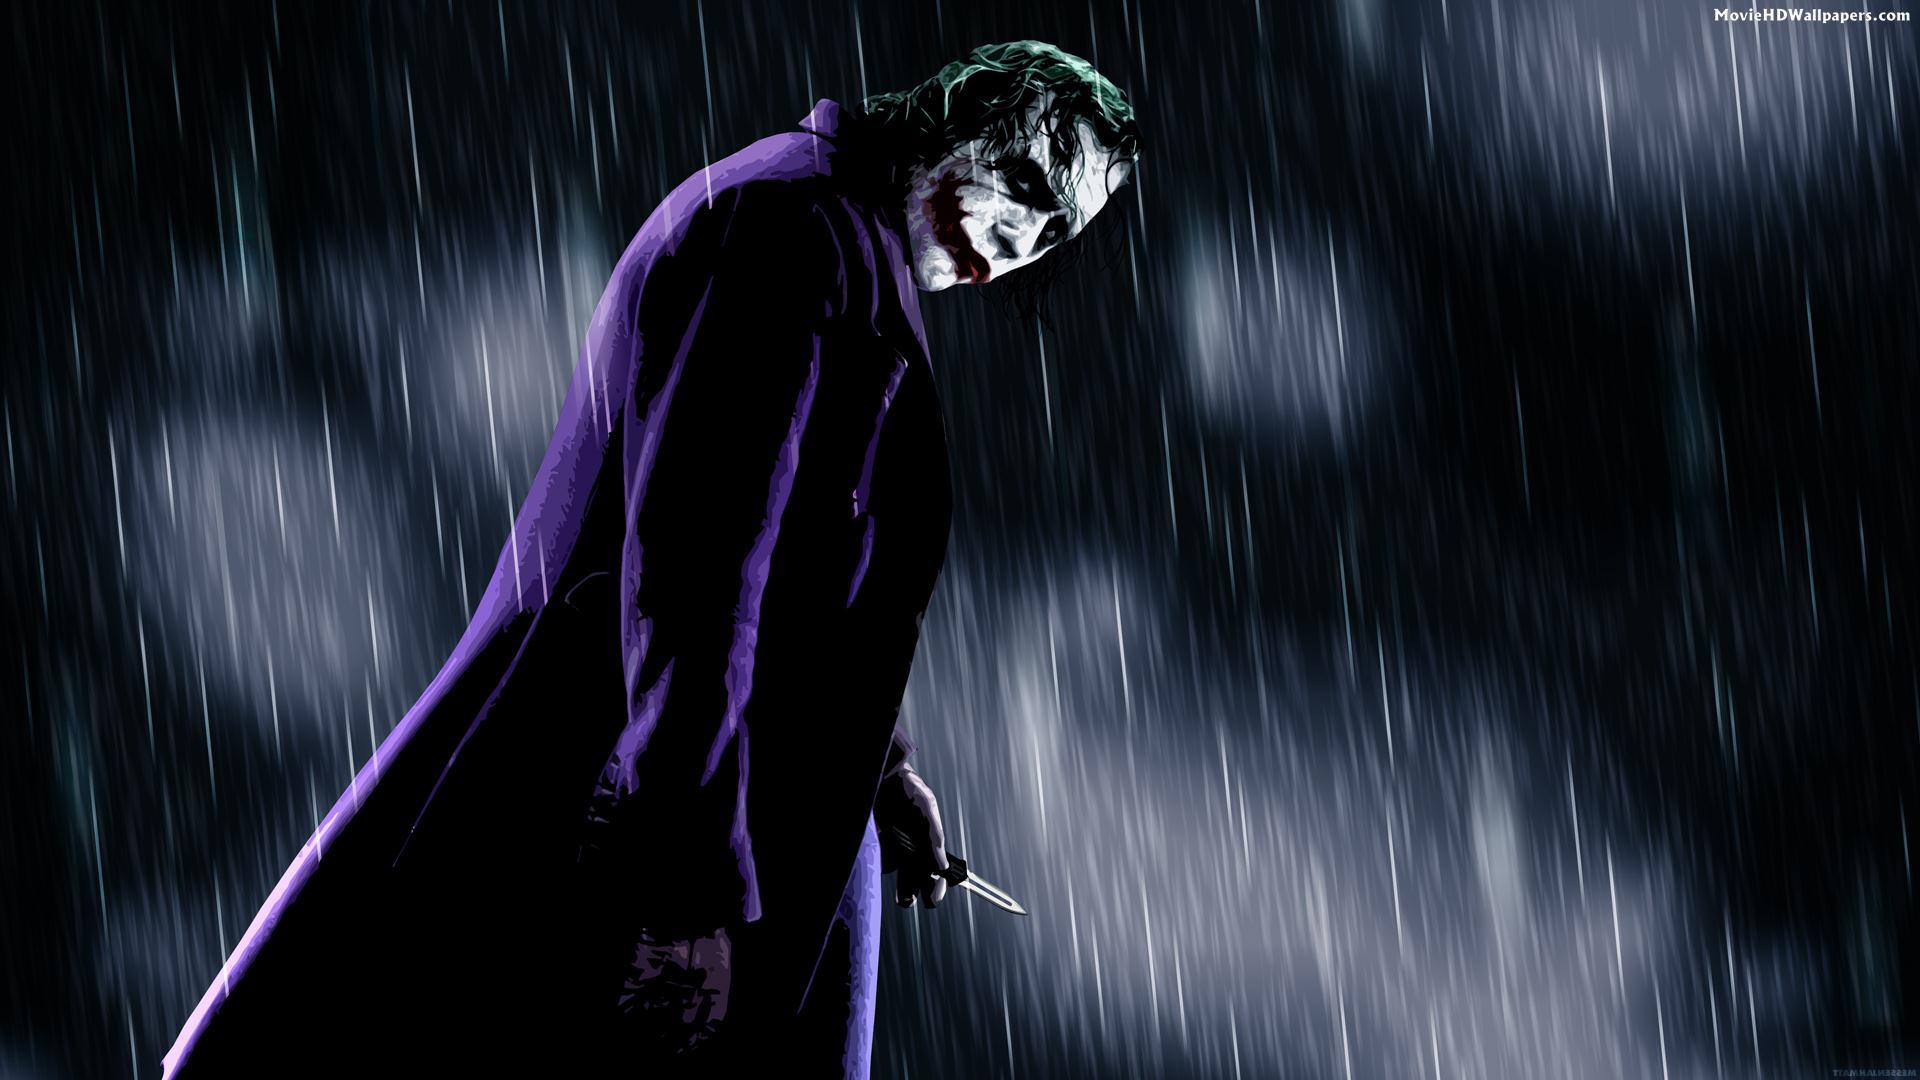 Joker HD Wallpaper Movie HD Wallpapers 1920x1080